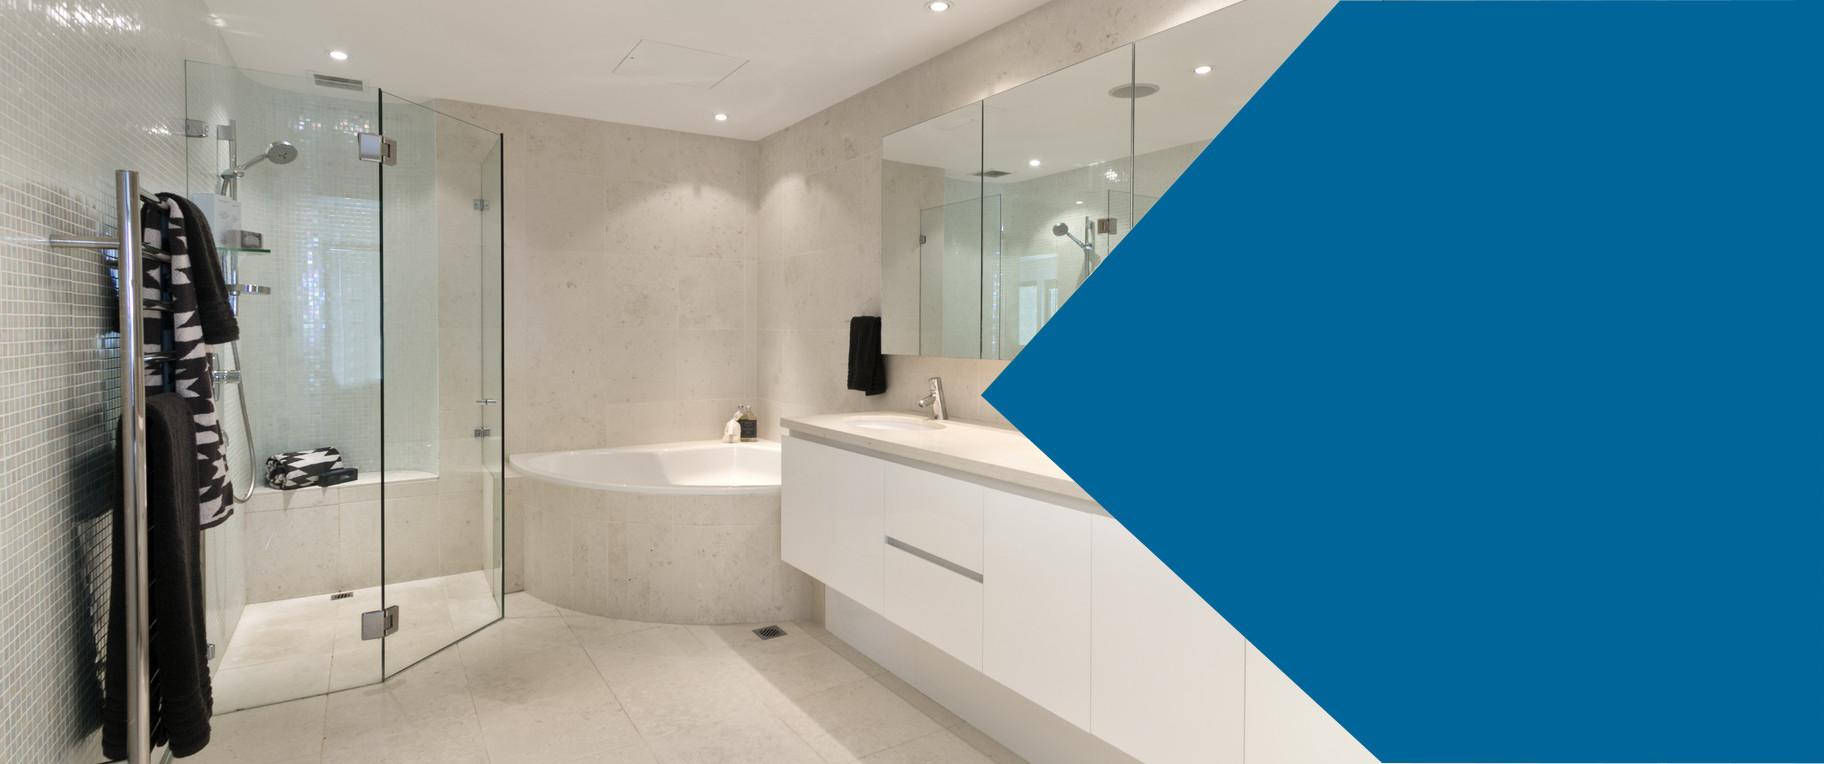 Badezimmersanierung HDG Installationstechnik